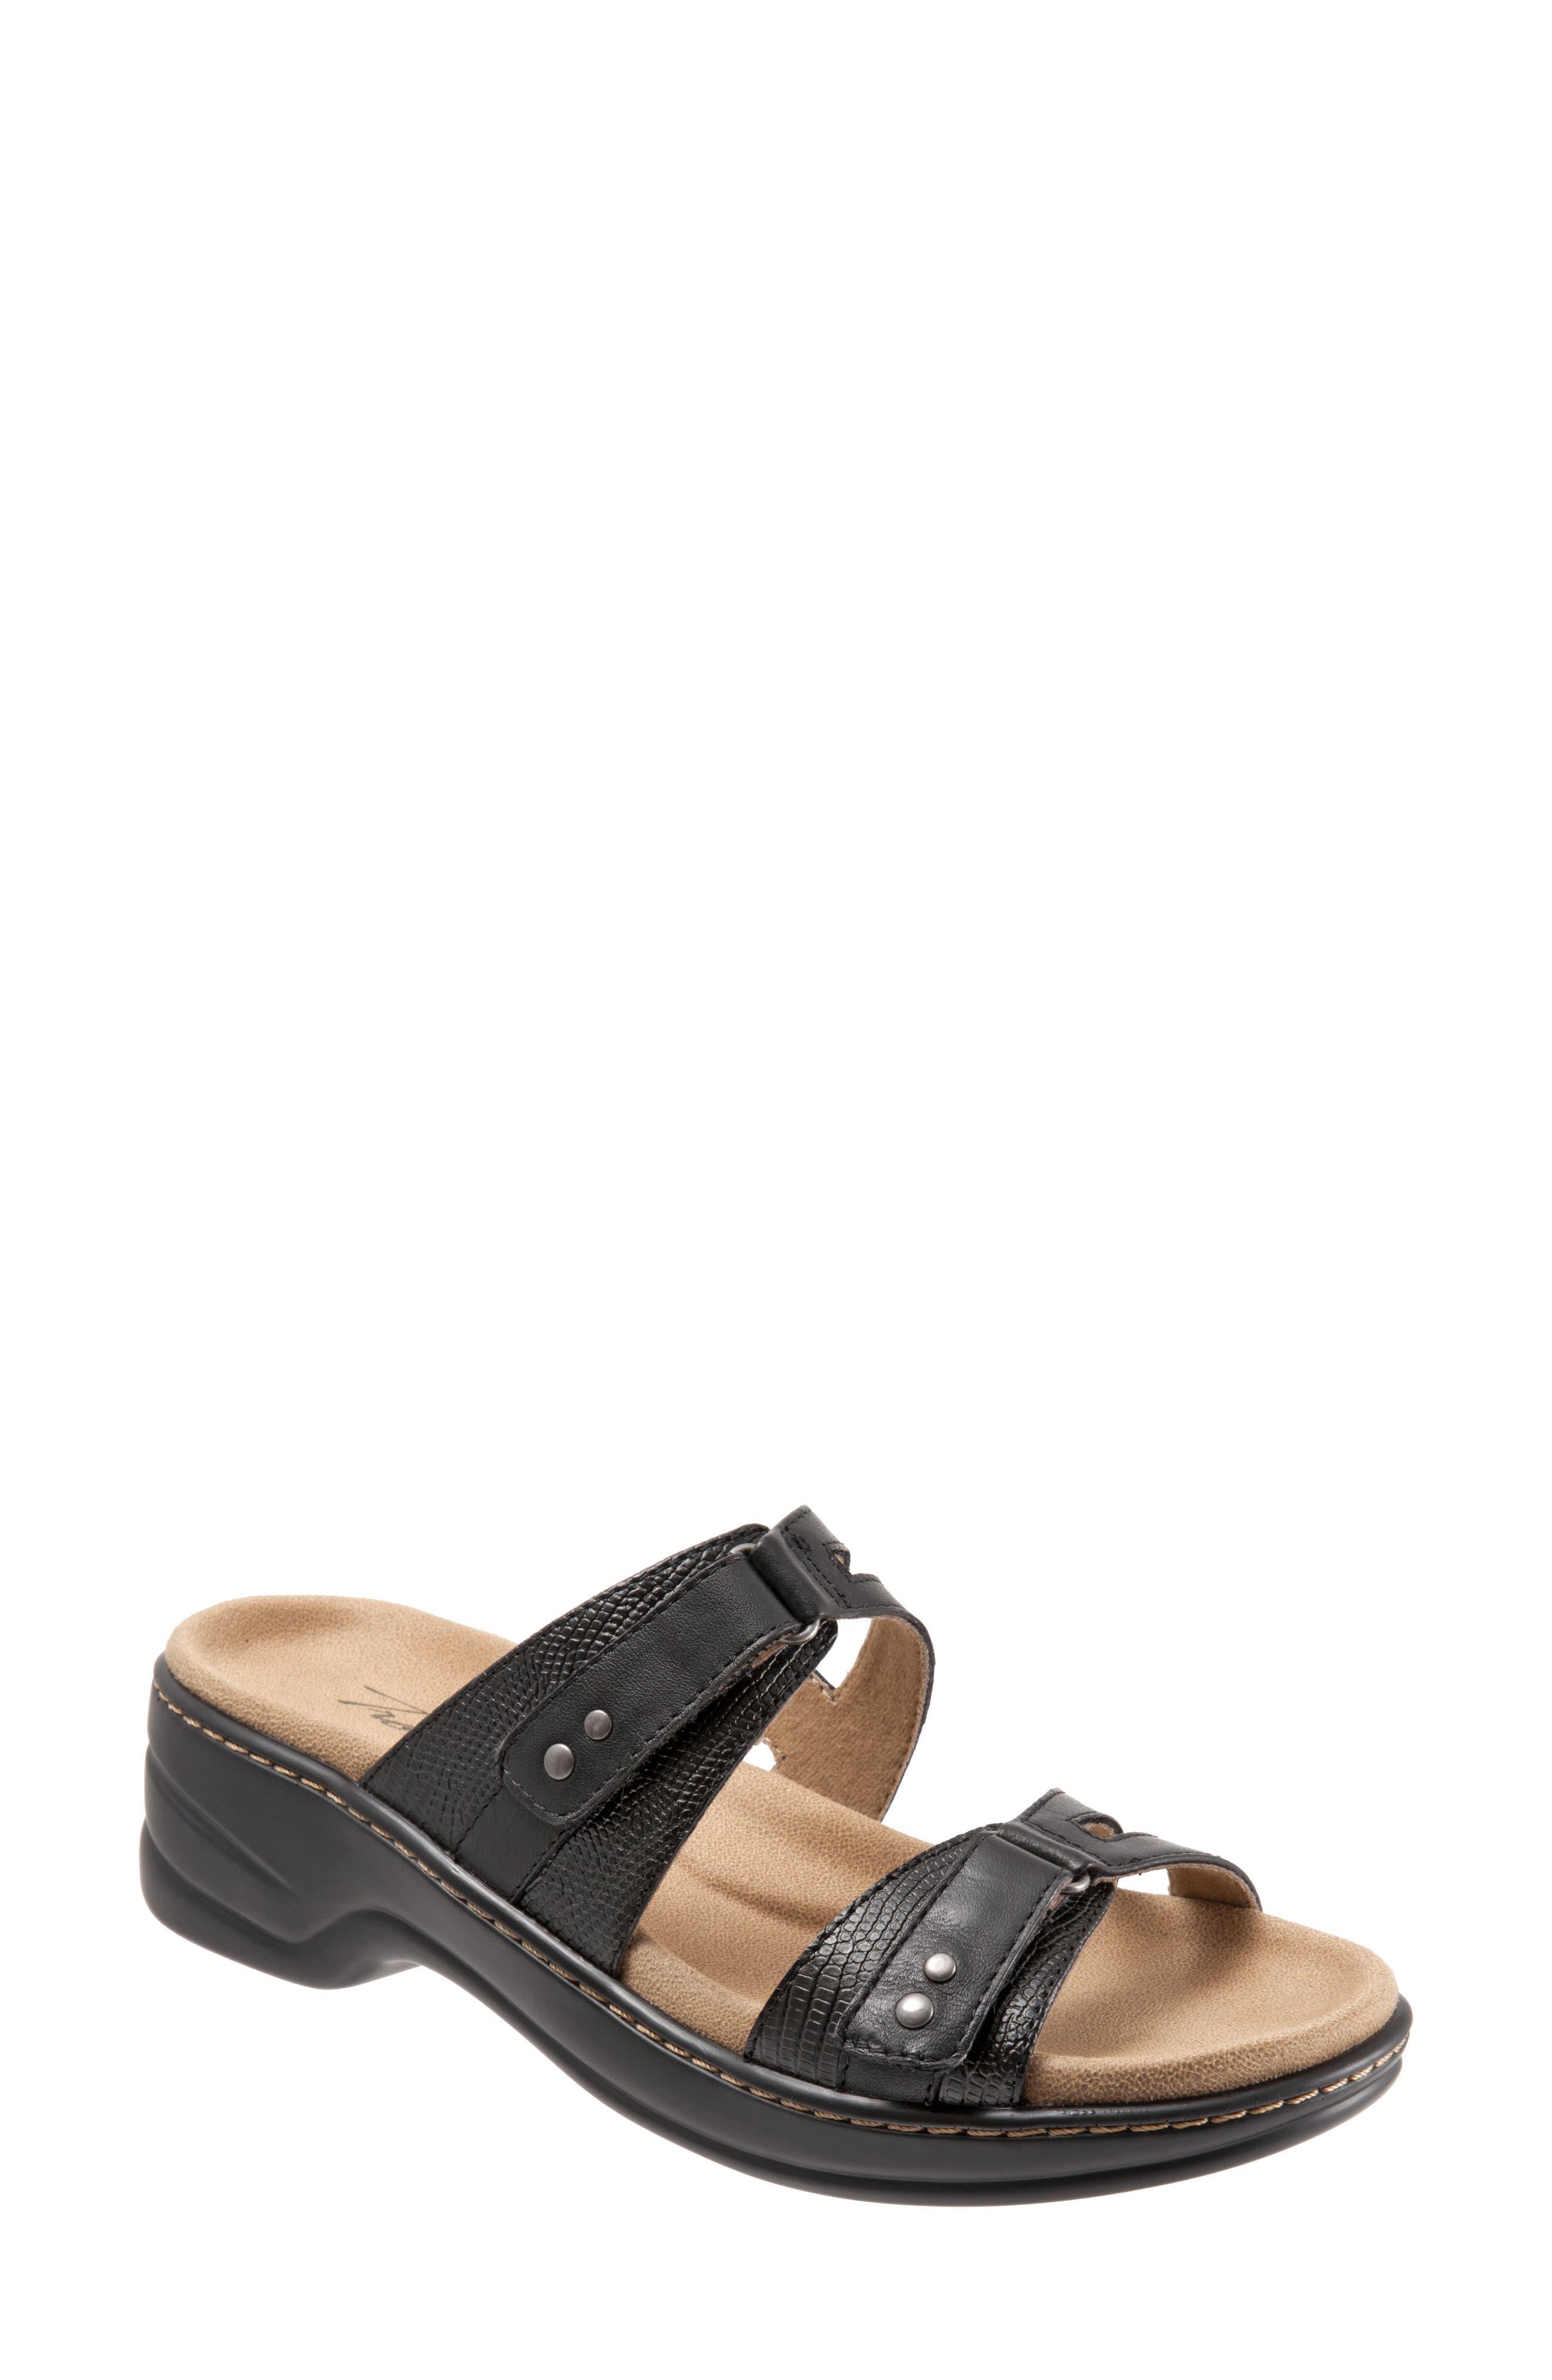 Neiman Sandal,                         Main,                         color, Black Leather